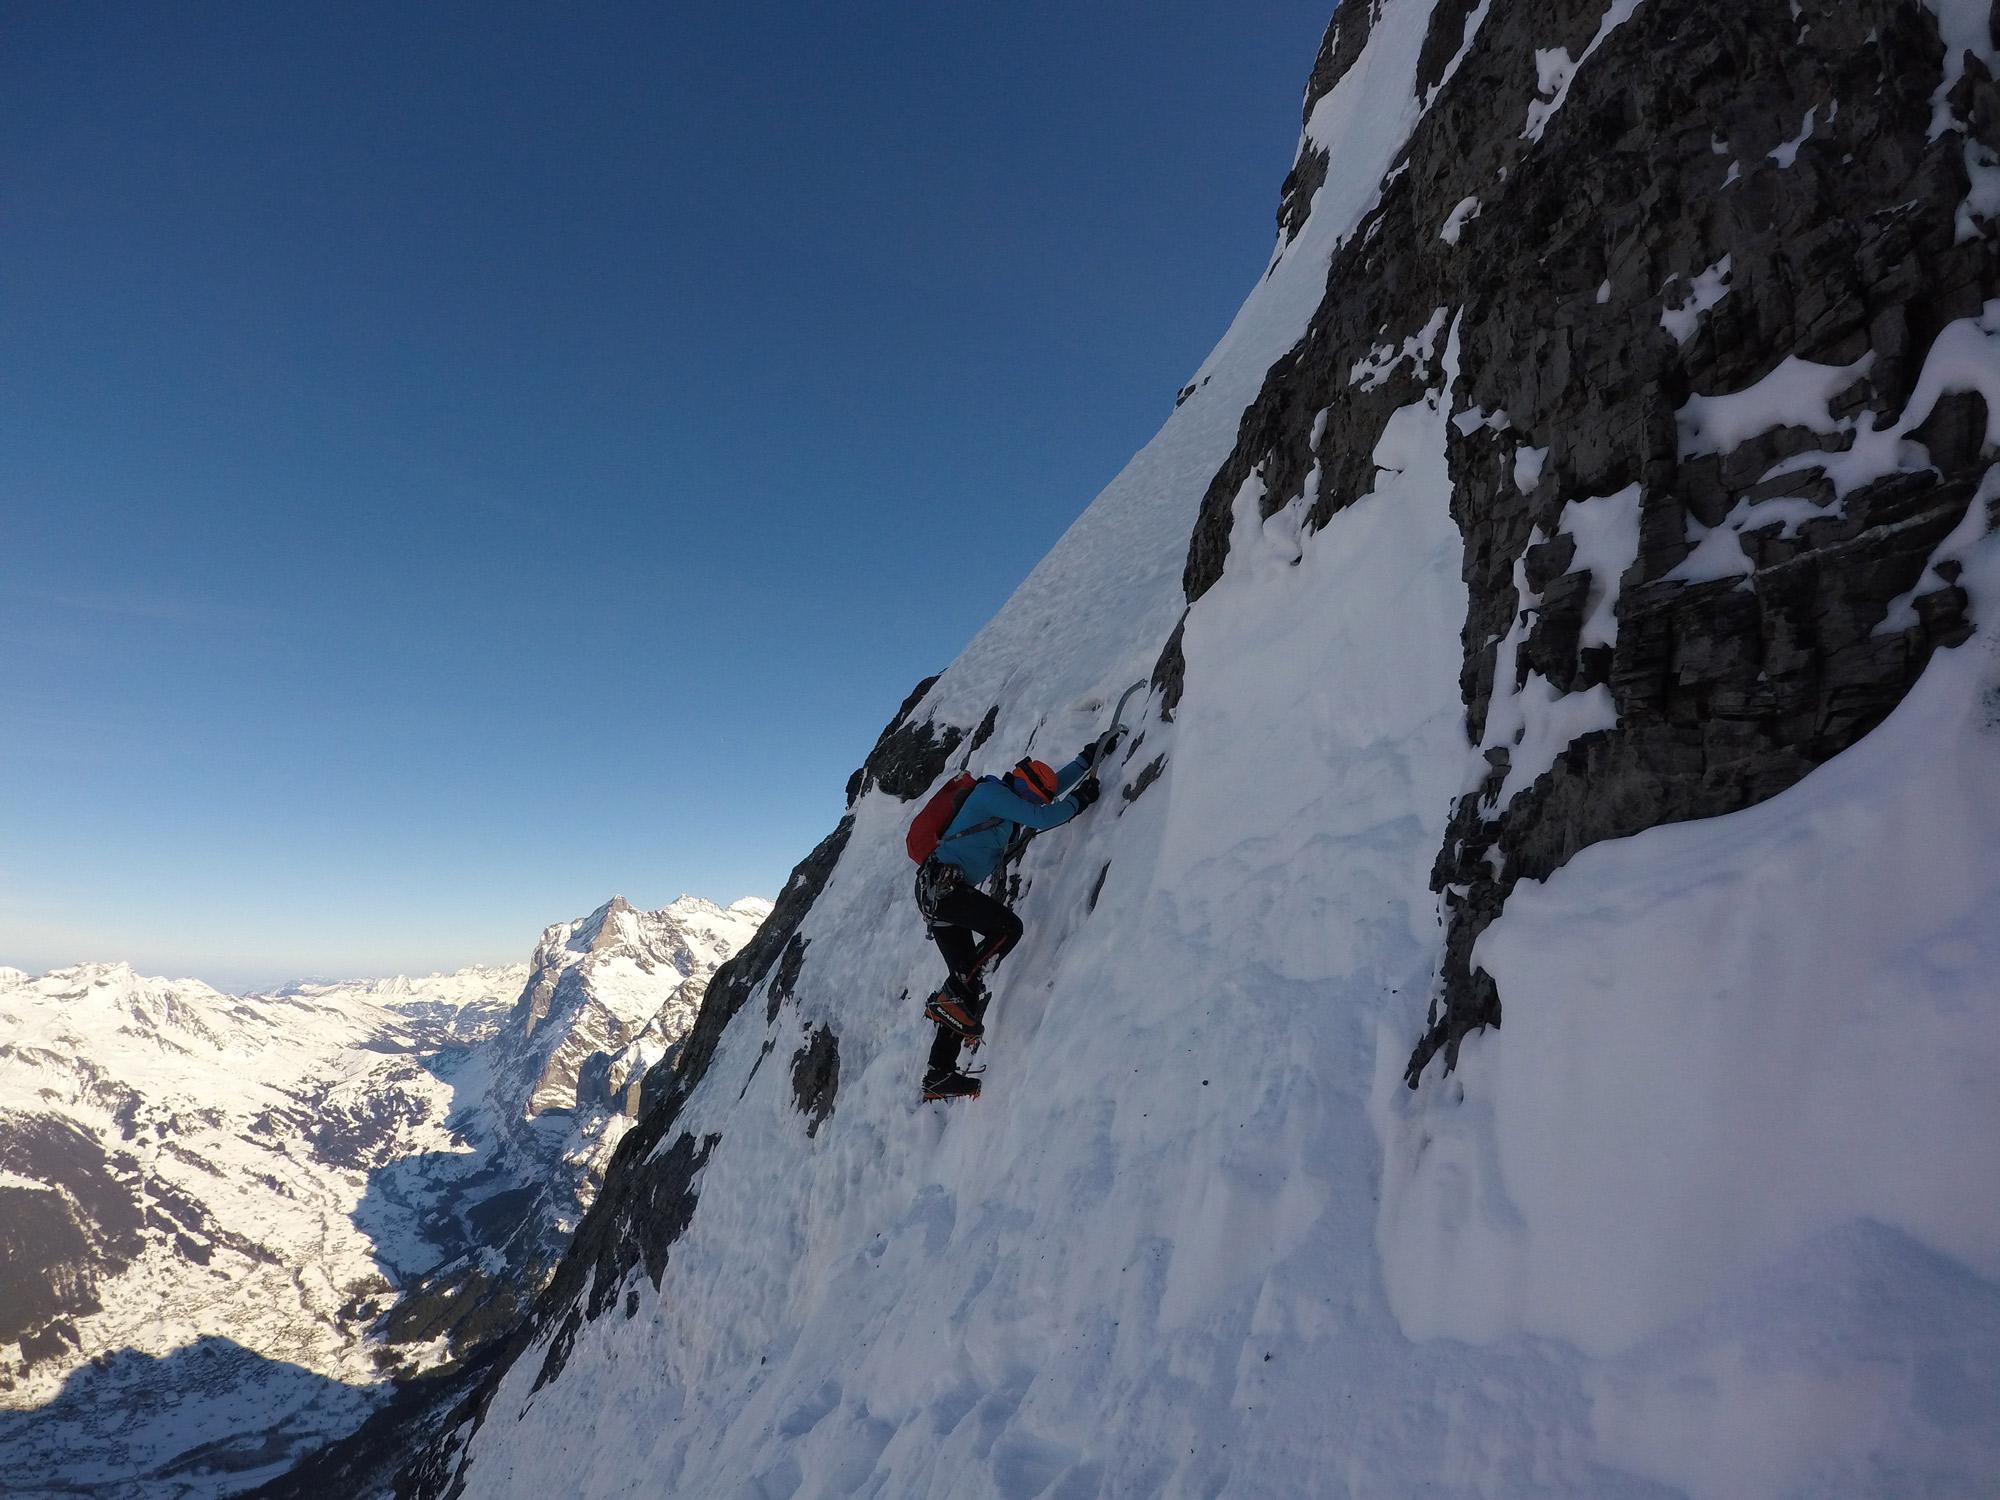 Philipp Brugger, Eiger Nordwand Nordpfeiler I bergundsteigen.blog